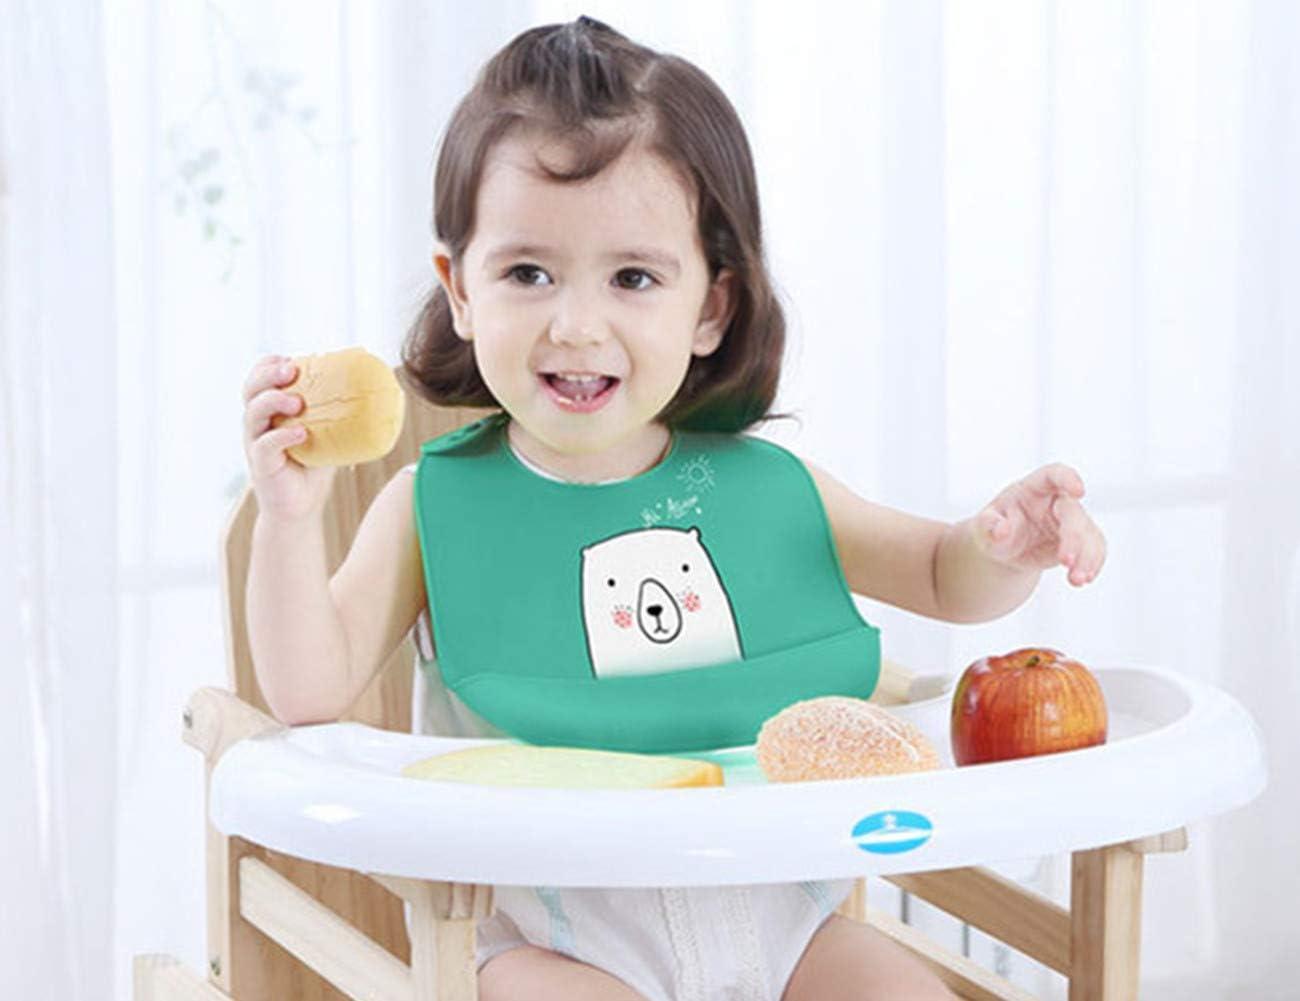 C/ómodo Babero para Beb/é Ni/ños Flexible Babero Beb/é KEEZSHOP Babero impermeable de Silicona con Amplia Alimentos Crumb Catcher Bolsillo Unisex Ajustable